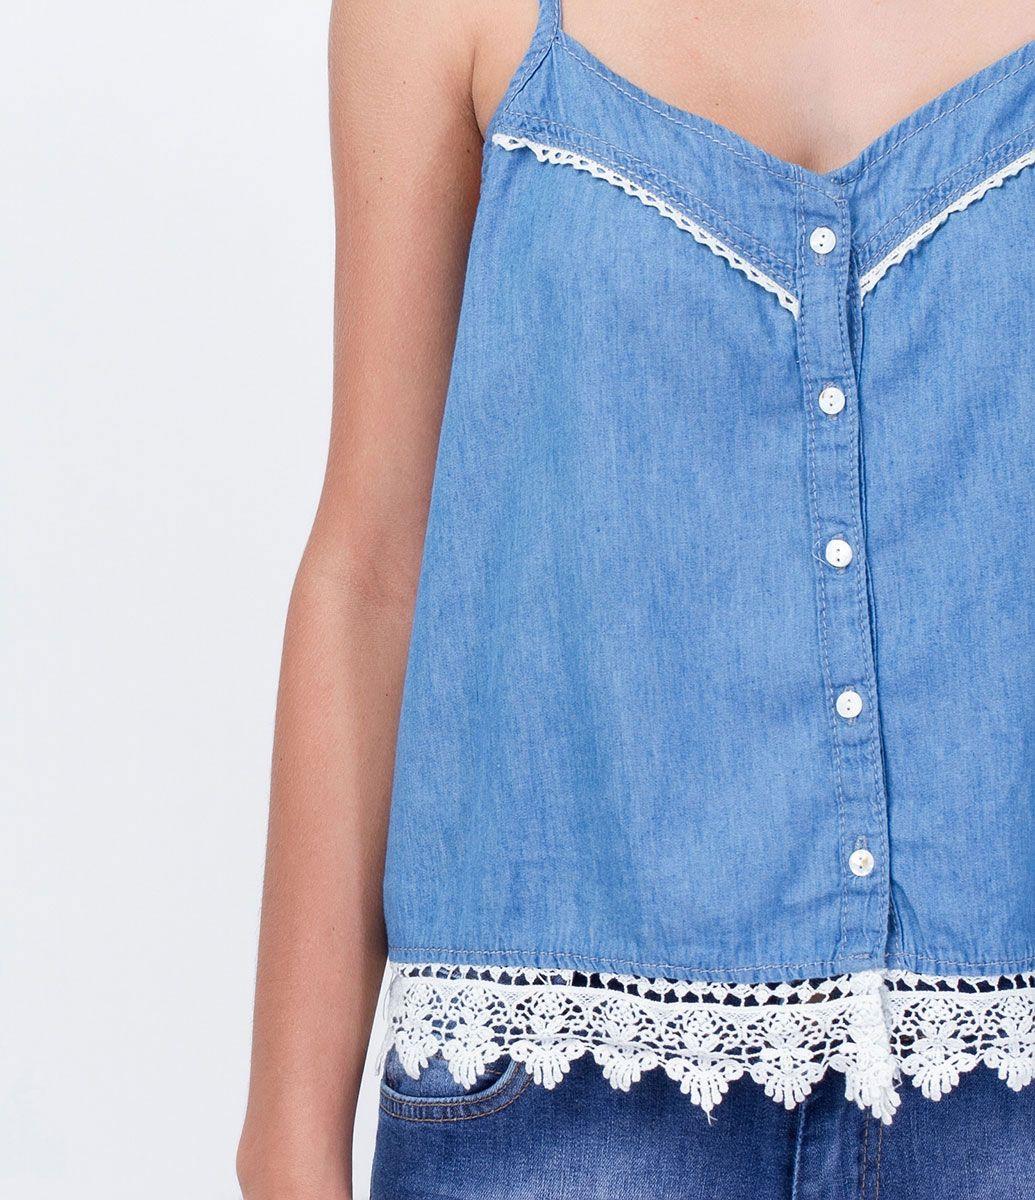 4bf9ae2e02b558 Regata feminina Fechamento de botões Barra em renda Marca  Blue Steel  Tecido  jeans Composição  100% algodão Modelo veste tamanho  P COLEÇÃO  VERÃO 2016 Veja ...